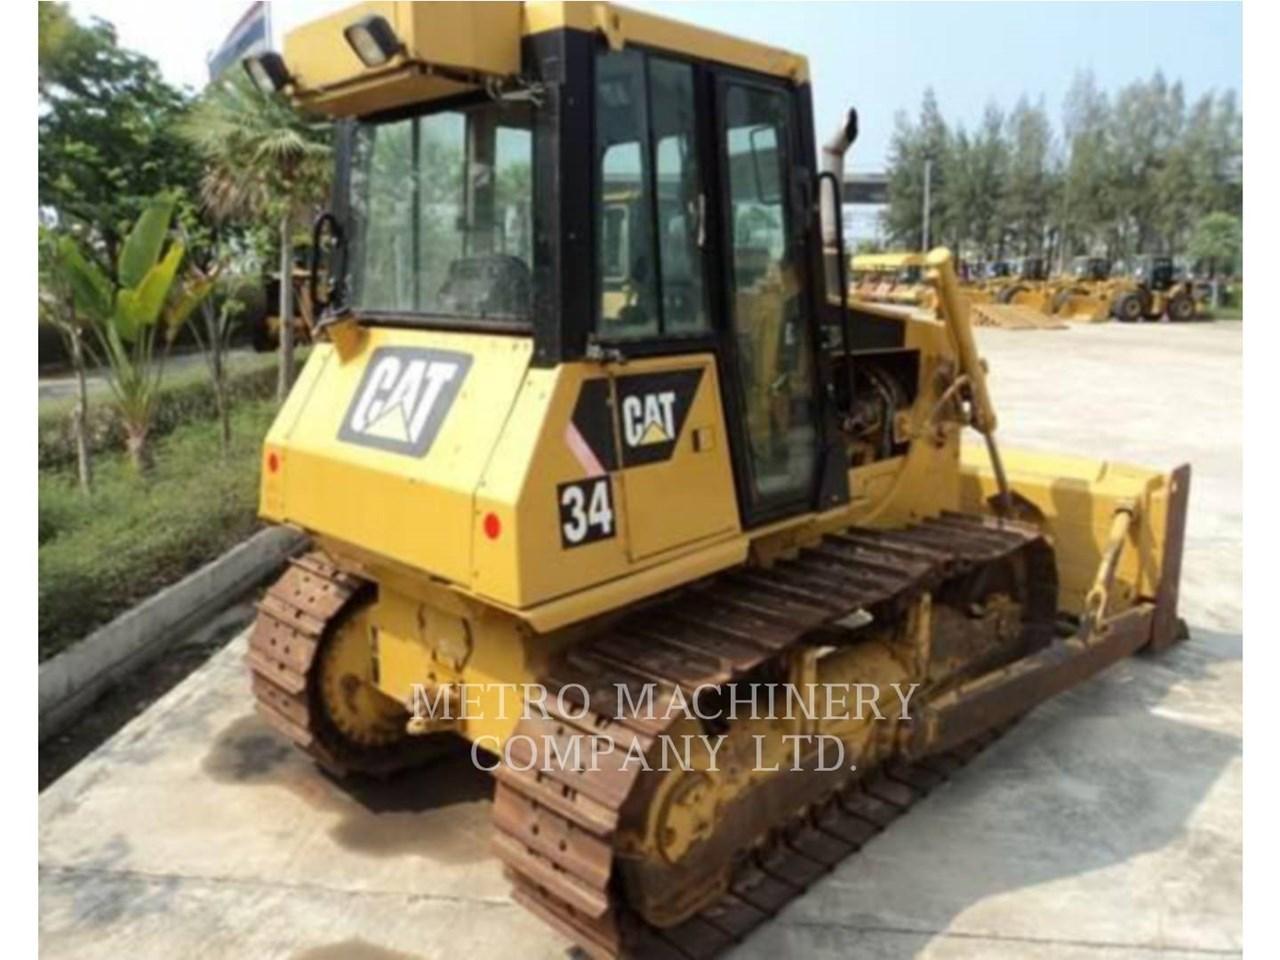 2011 Caterpillar D6G Image 1